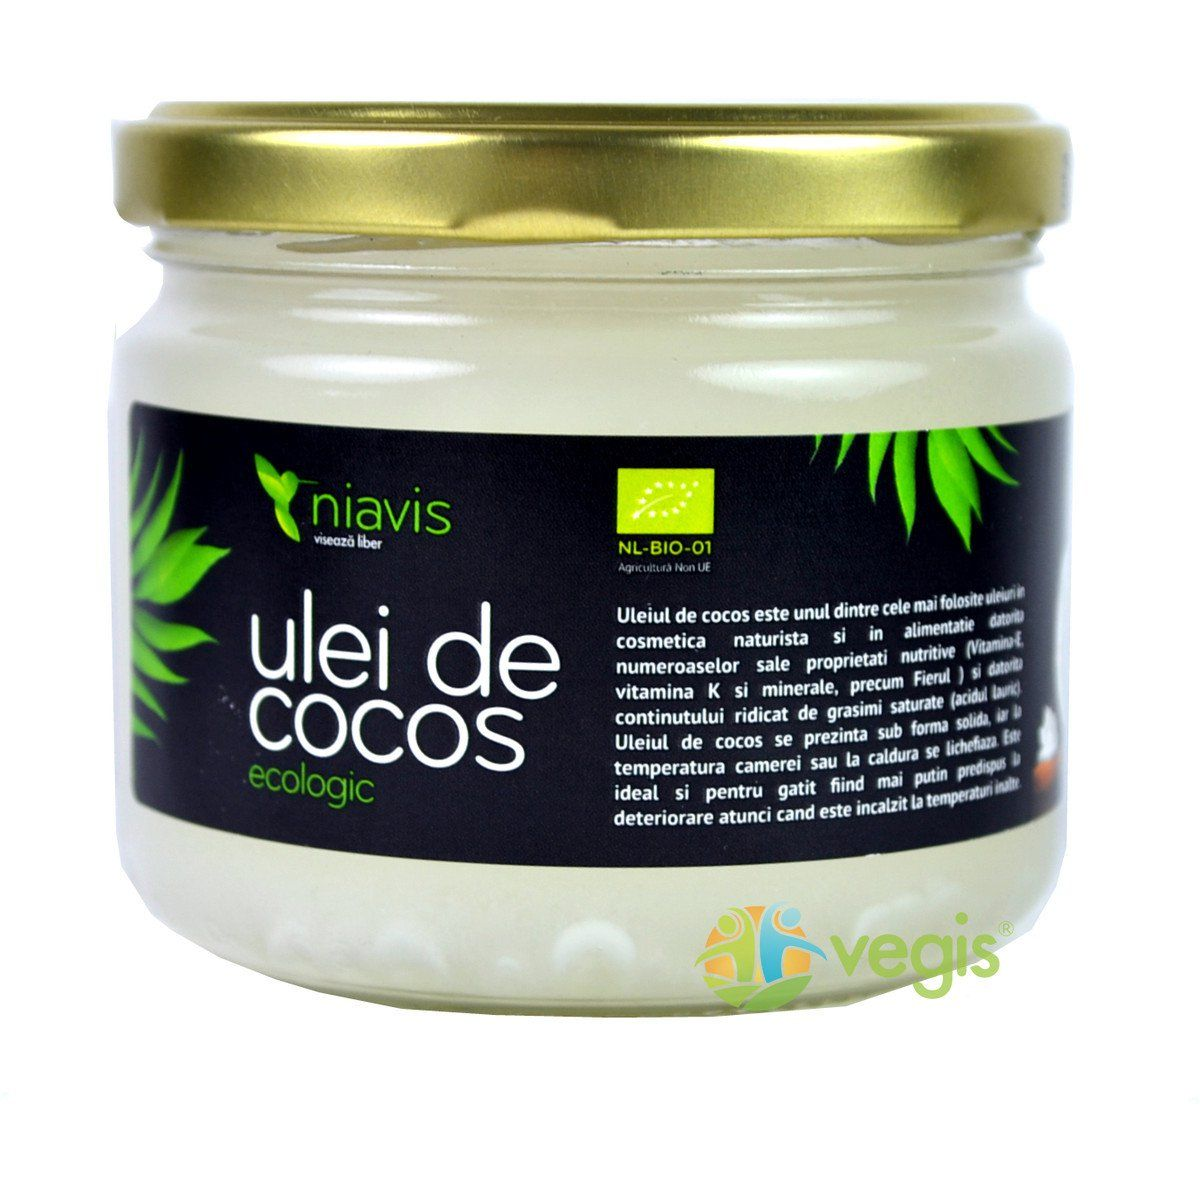 Ulei de cocos in cosmetica